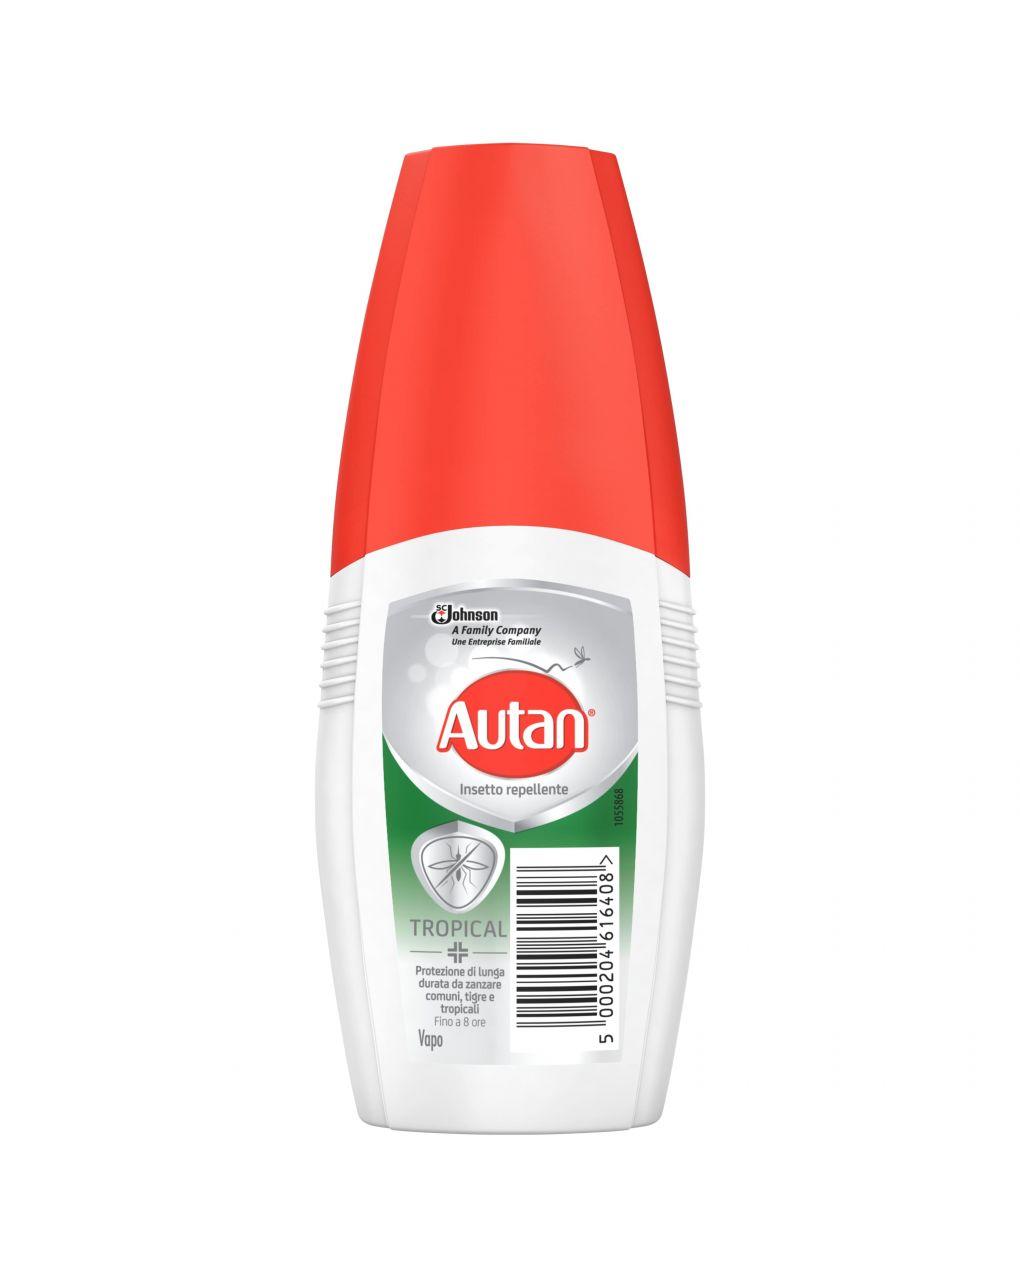 Autan tropical vapo insetto repellente e antizanzare comuni e tropicali, 100ml - Autan